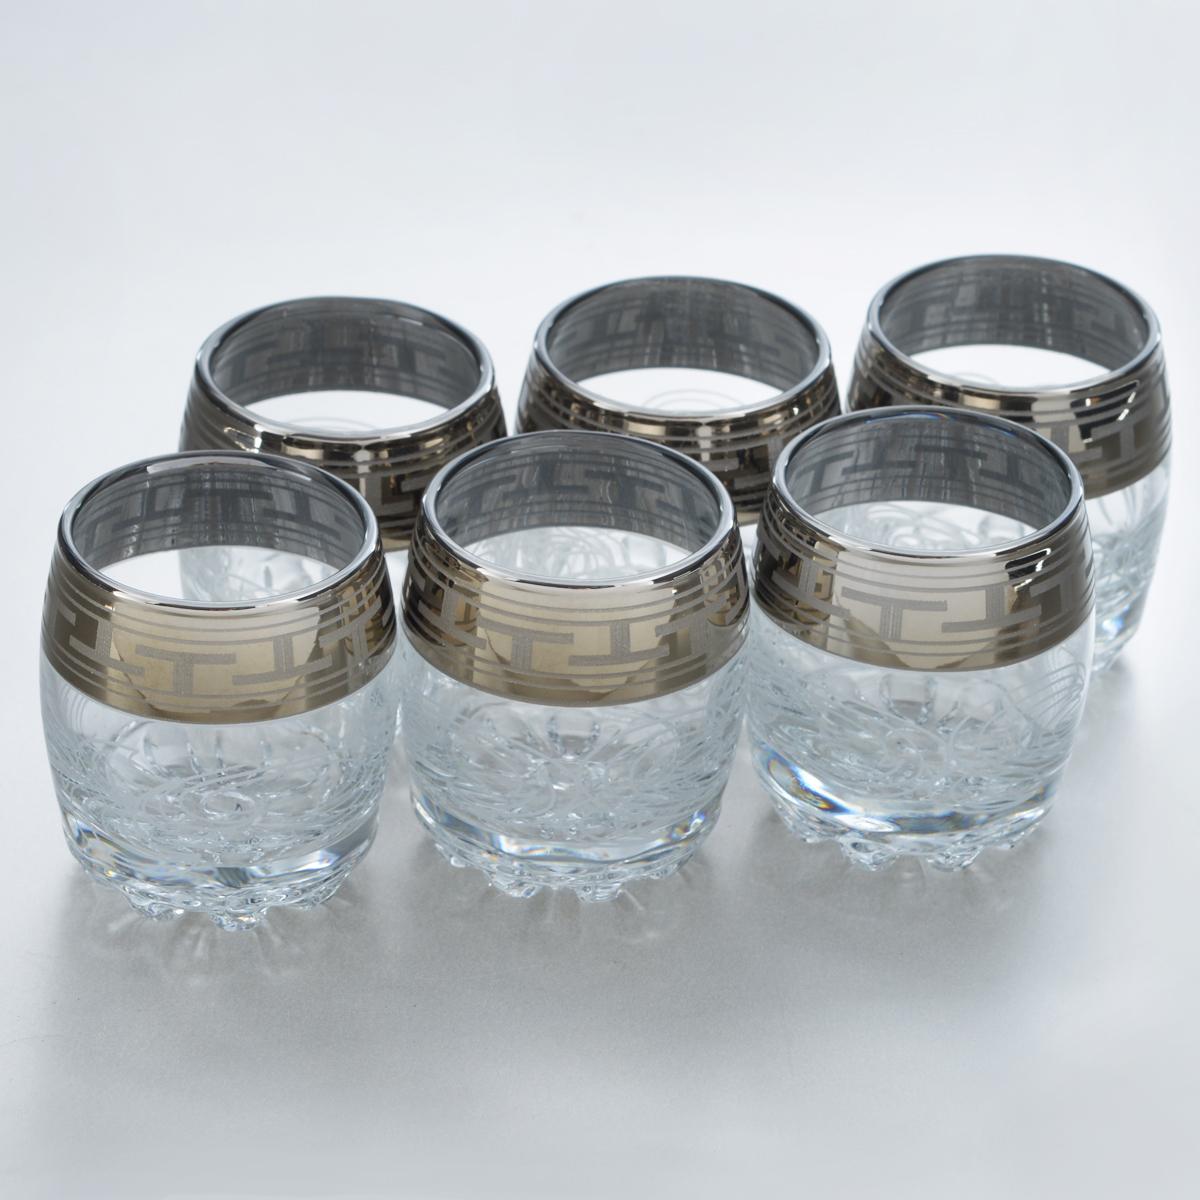 Набор стопок Гусь-Хрустальный Греческий узор, 60 мл, 6 штGE01-2244Набор Гусь-Хрустальный Греческий узор состоит из 6 стопок, изготовленных из высококачественного натрий-кальций-силикатного стекла. Изделия оформлены красивым зеркальным покрытием, широкой окантовкой с греческим узором и белым матовым орнаментом. Такой набор прекрасно дополнит праздничный стол и станет желанным подарком в любом доме. Разрешается мыть в посудомоечной машине. Диаметр стопки (по верхнему краю): 4,5 см. Высота стопки: 6 см.